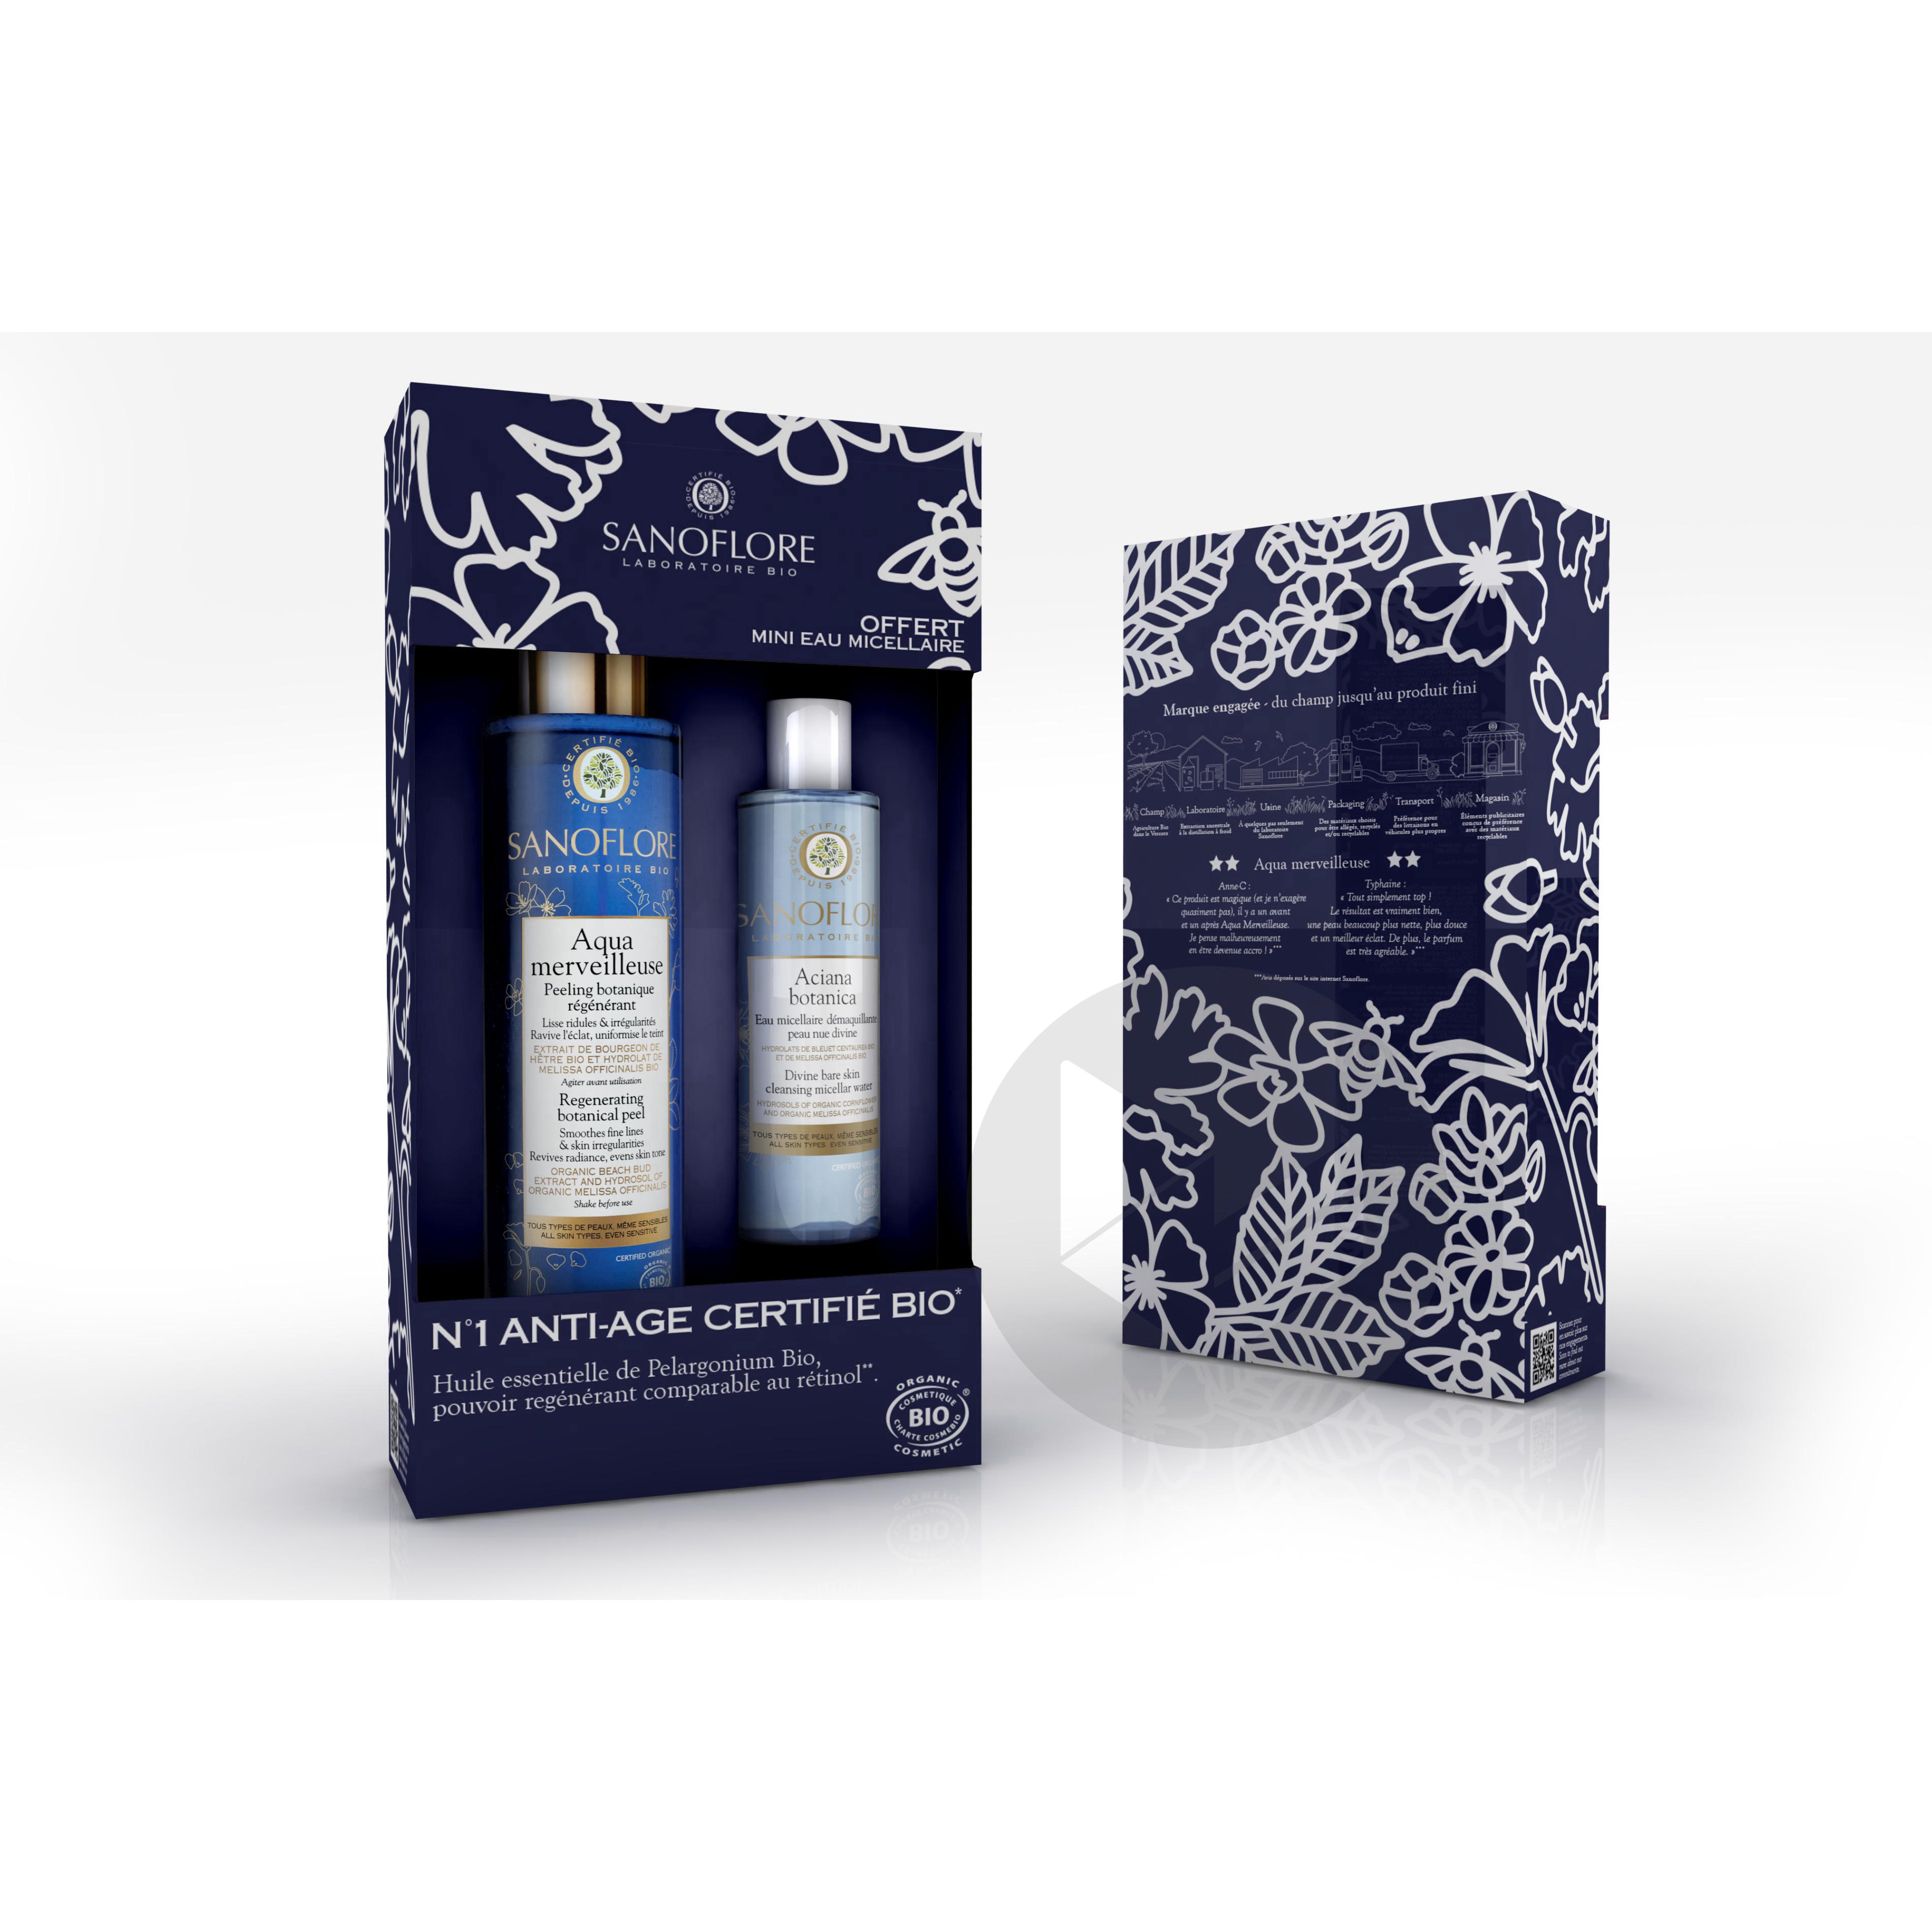 Coffret Aqua Merveilleuse Peeling Botanique Regenerant Avec Une Mini Eau Micellaire Offerte